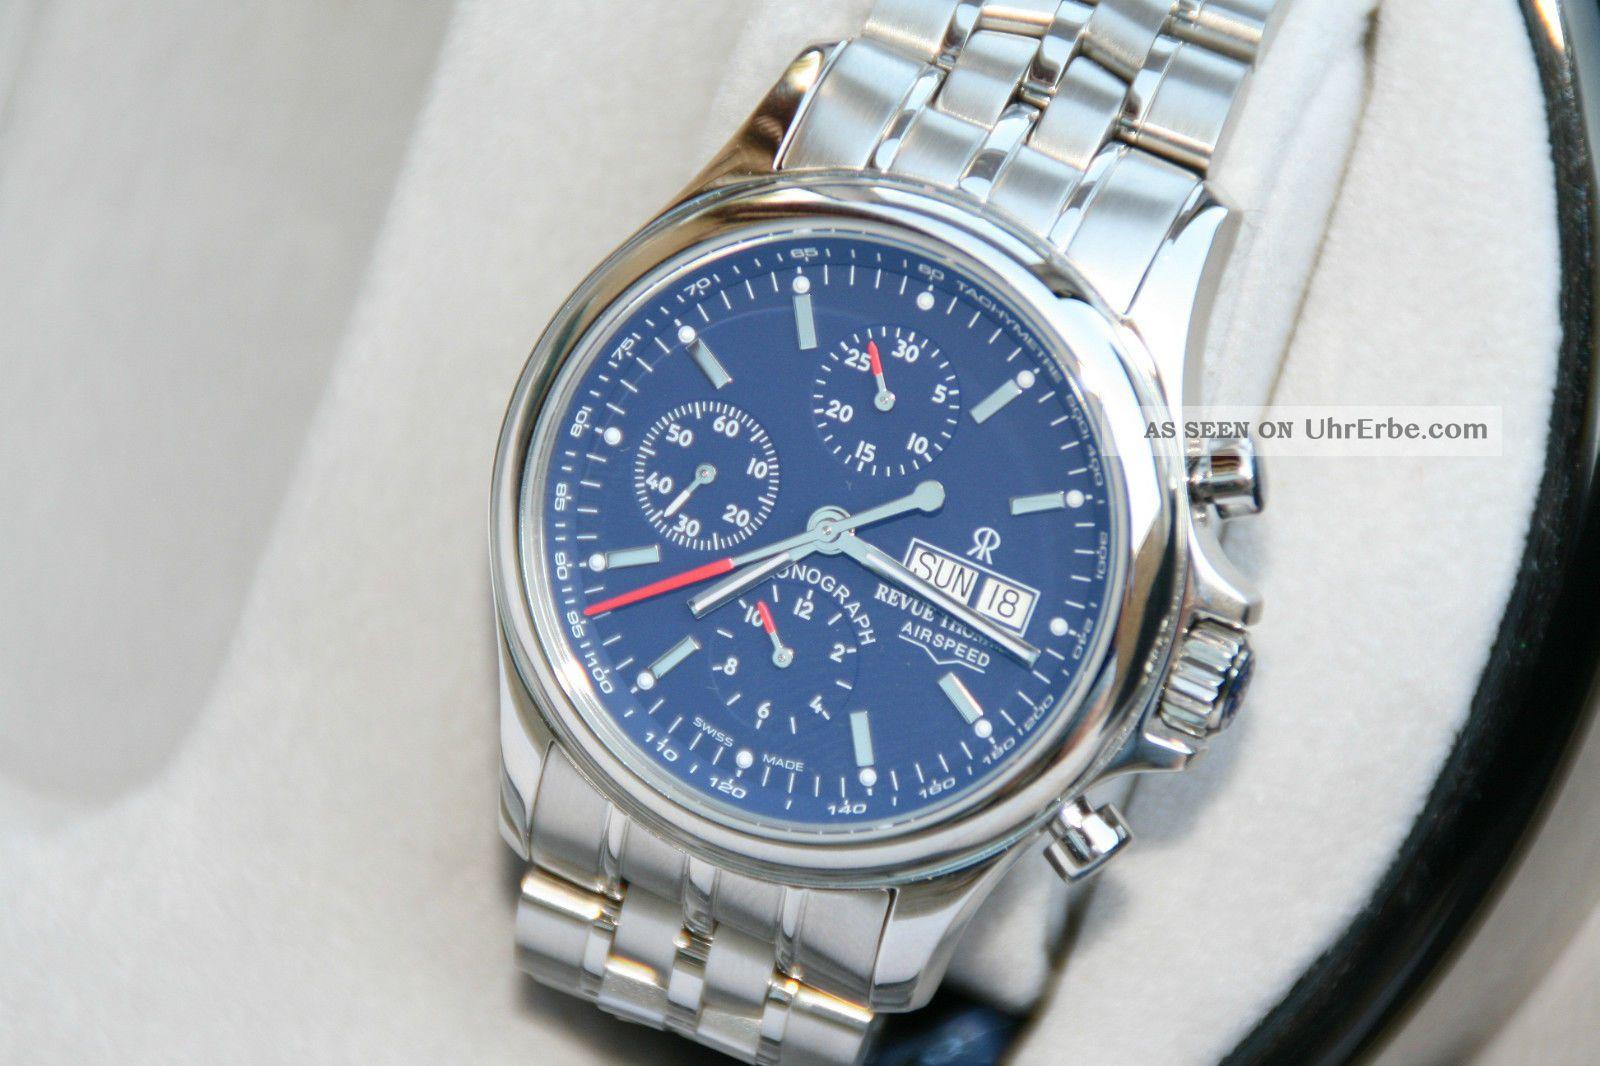 Revue Thommen Airspeed Heritage Valjoux 7750 Blaues Ziffernblatt Eta Werk 1 Armbanduhren Bild